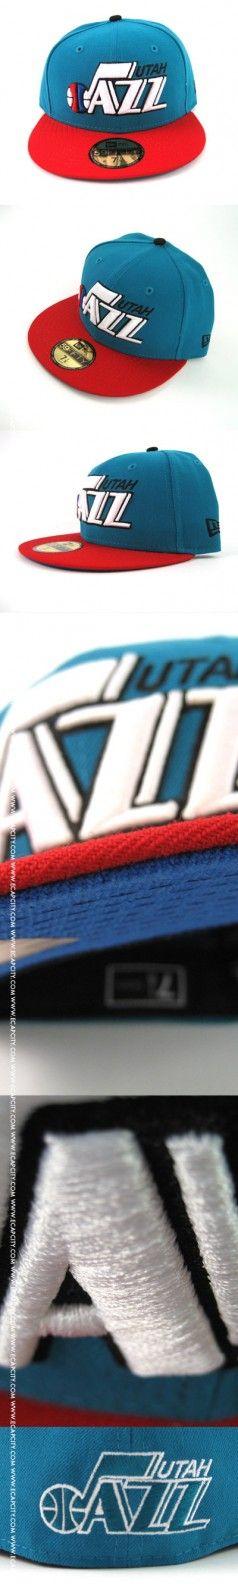 Utah Jazz New Era Hat (TEAL/RED)